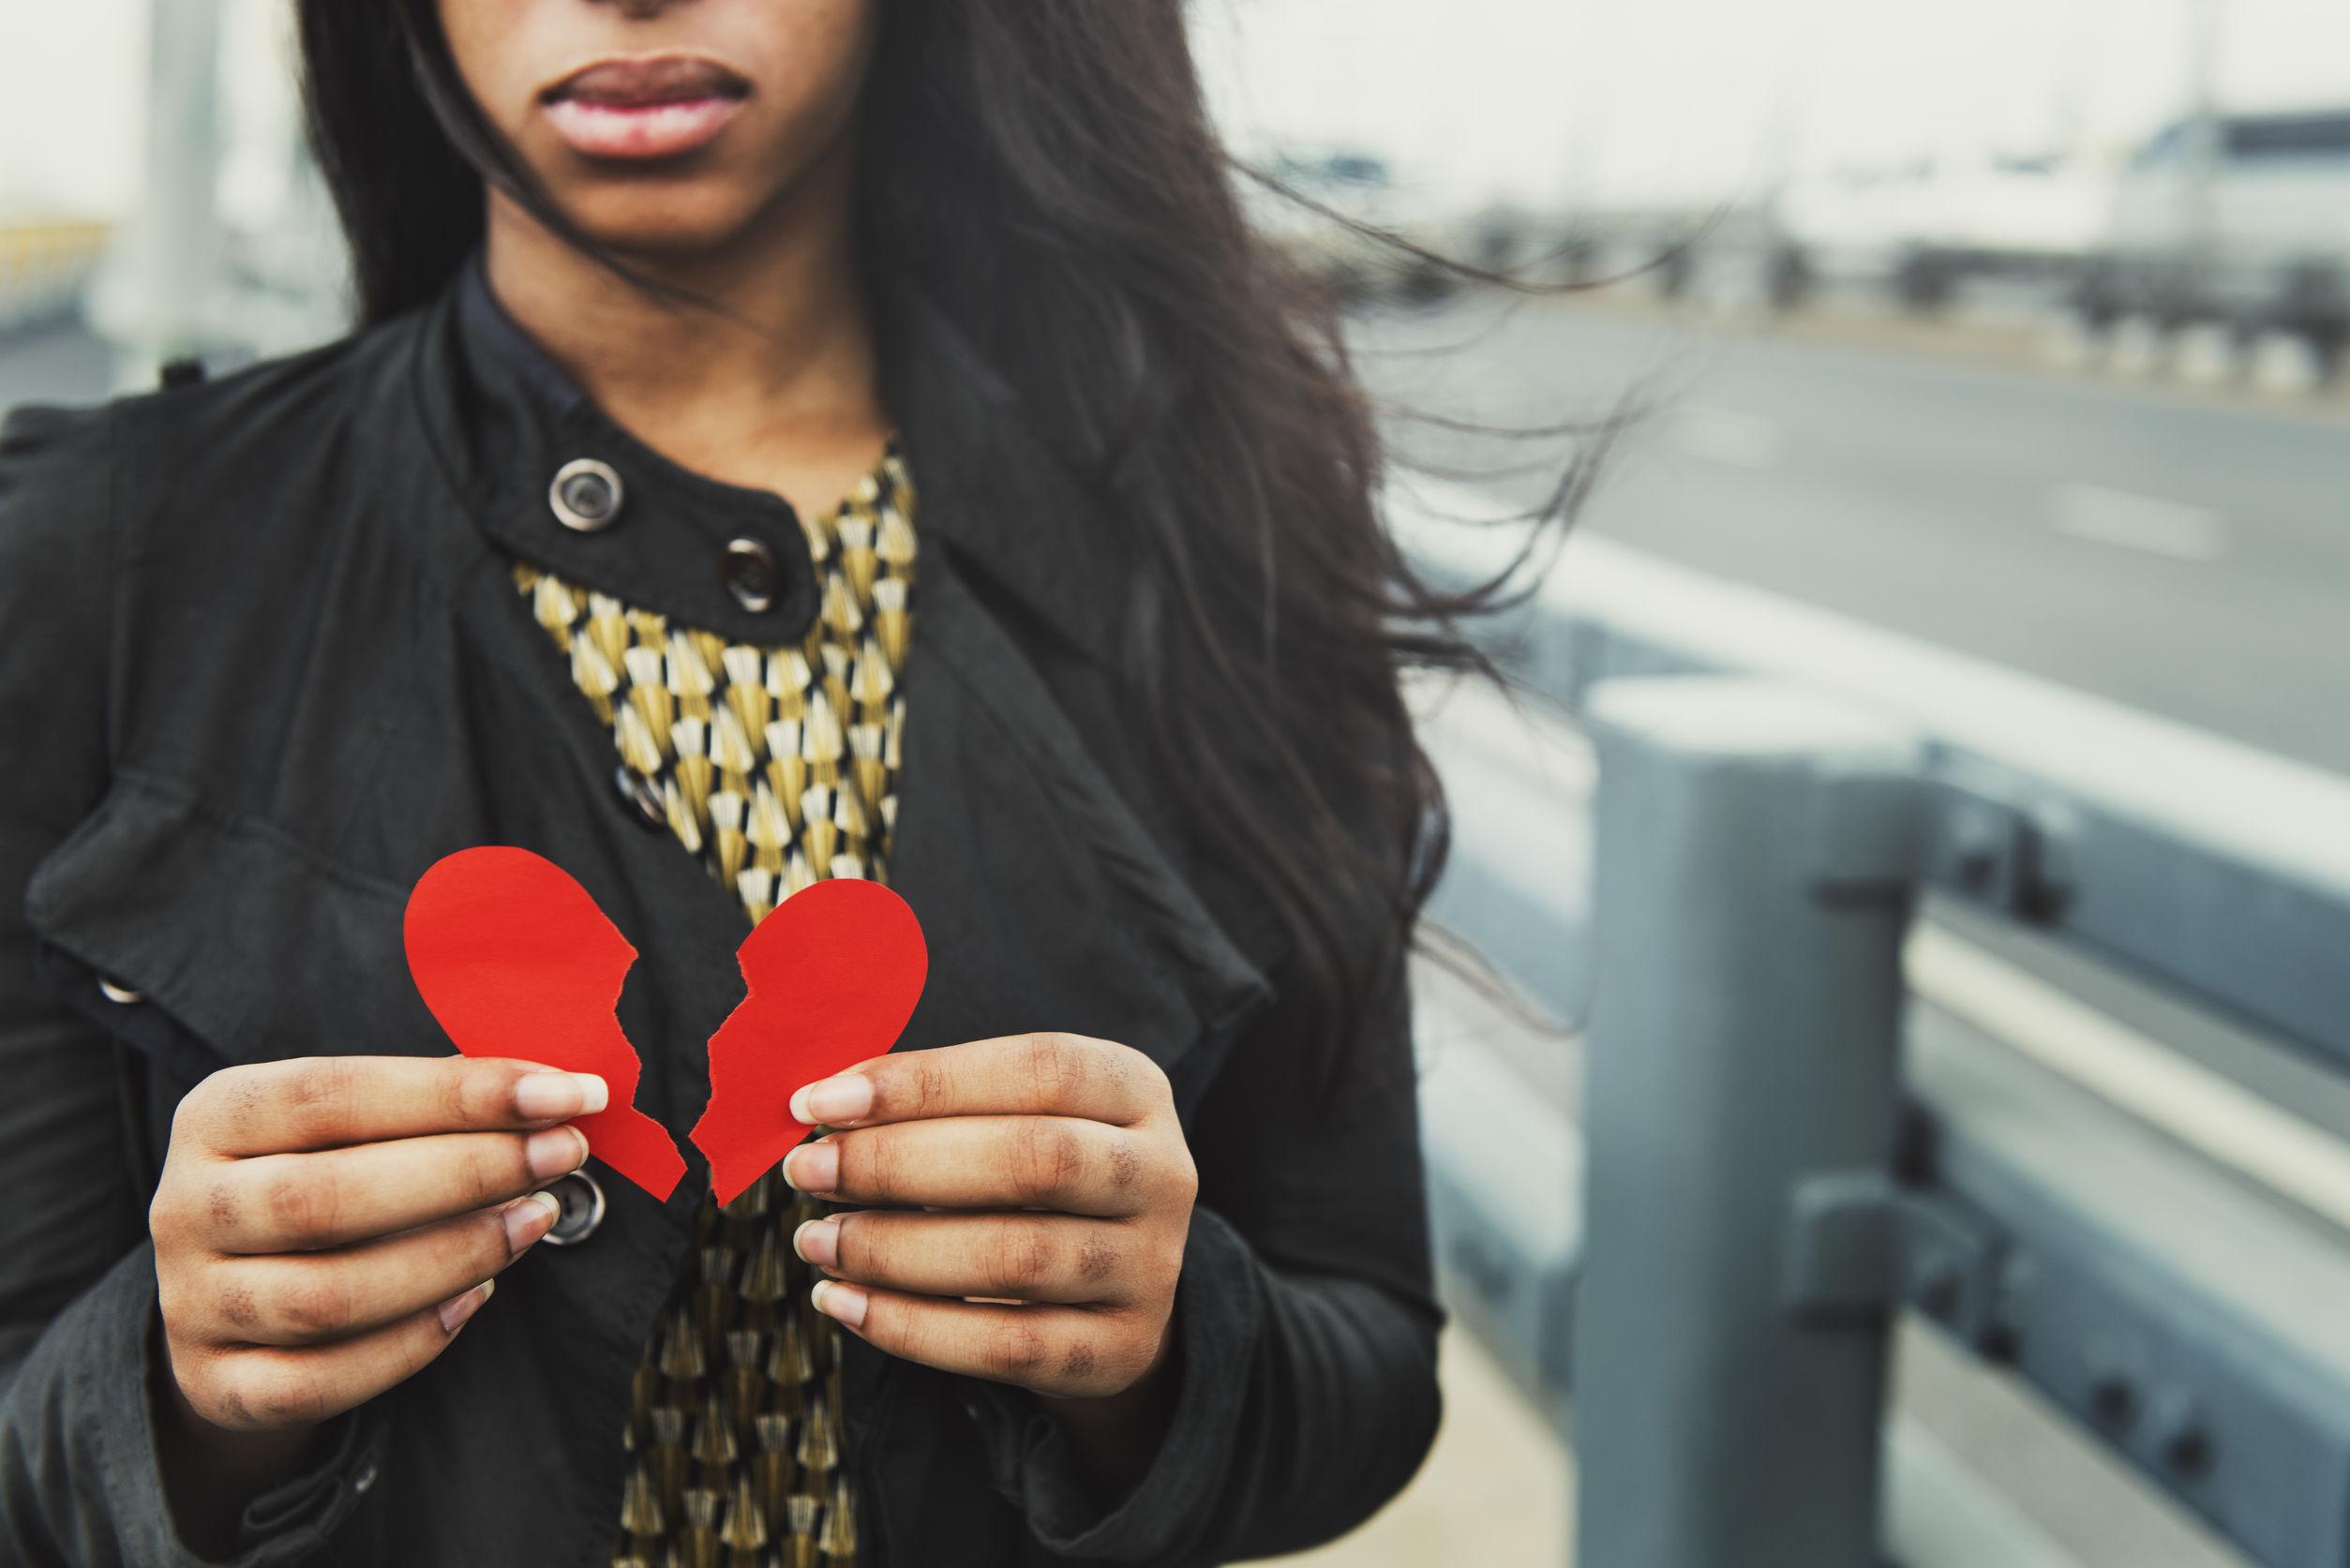 break-ups in open relationships non monogamy open relationships break up sad broken heart